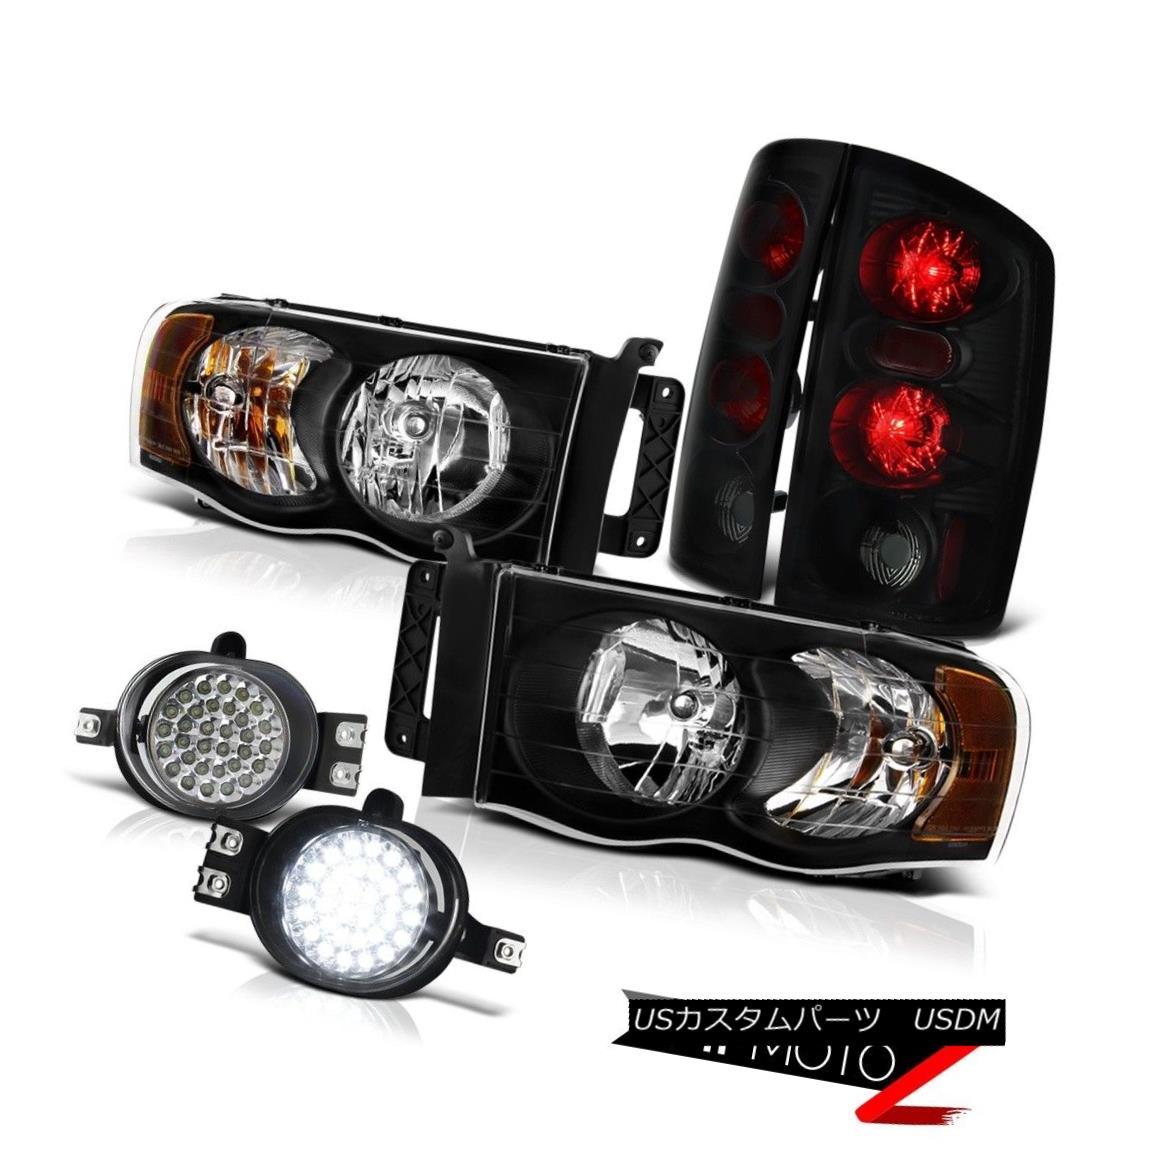 ヘッドライト 2002 2003 2004 2005 Dodge Ram Headlights {Sinister Black} TAIL LIGHT FOG LIGHT 2002 2003 2004 2005ダッジラムヘッドライト{Sinister Black}テールライトフォグライト